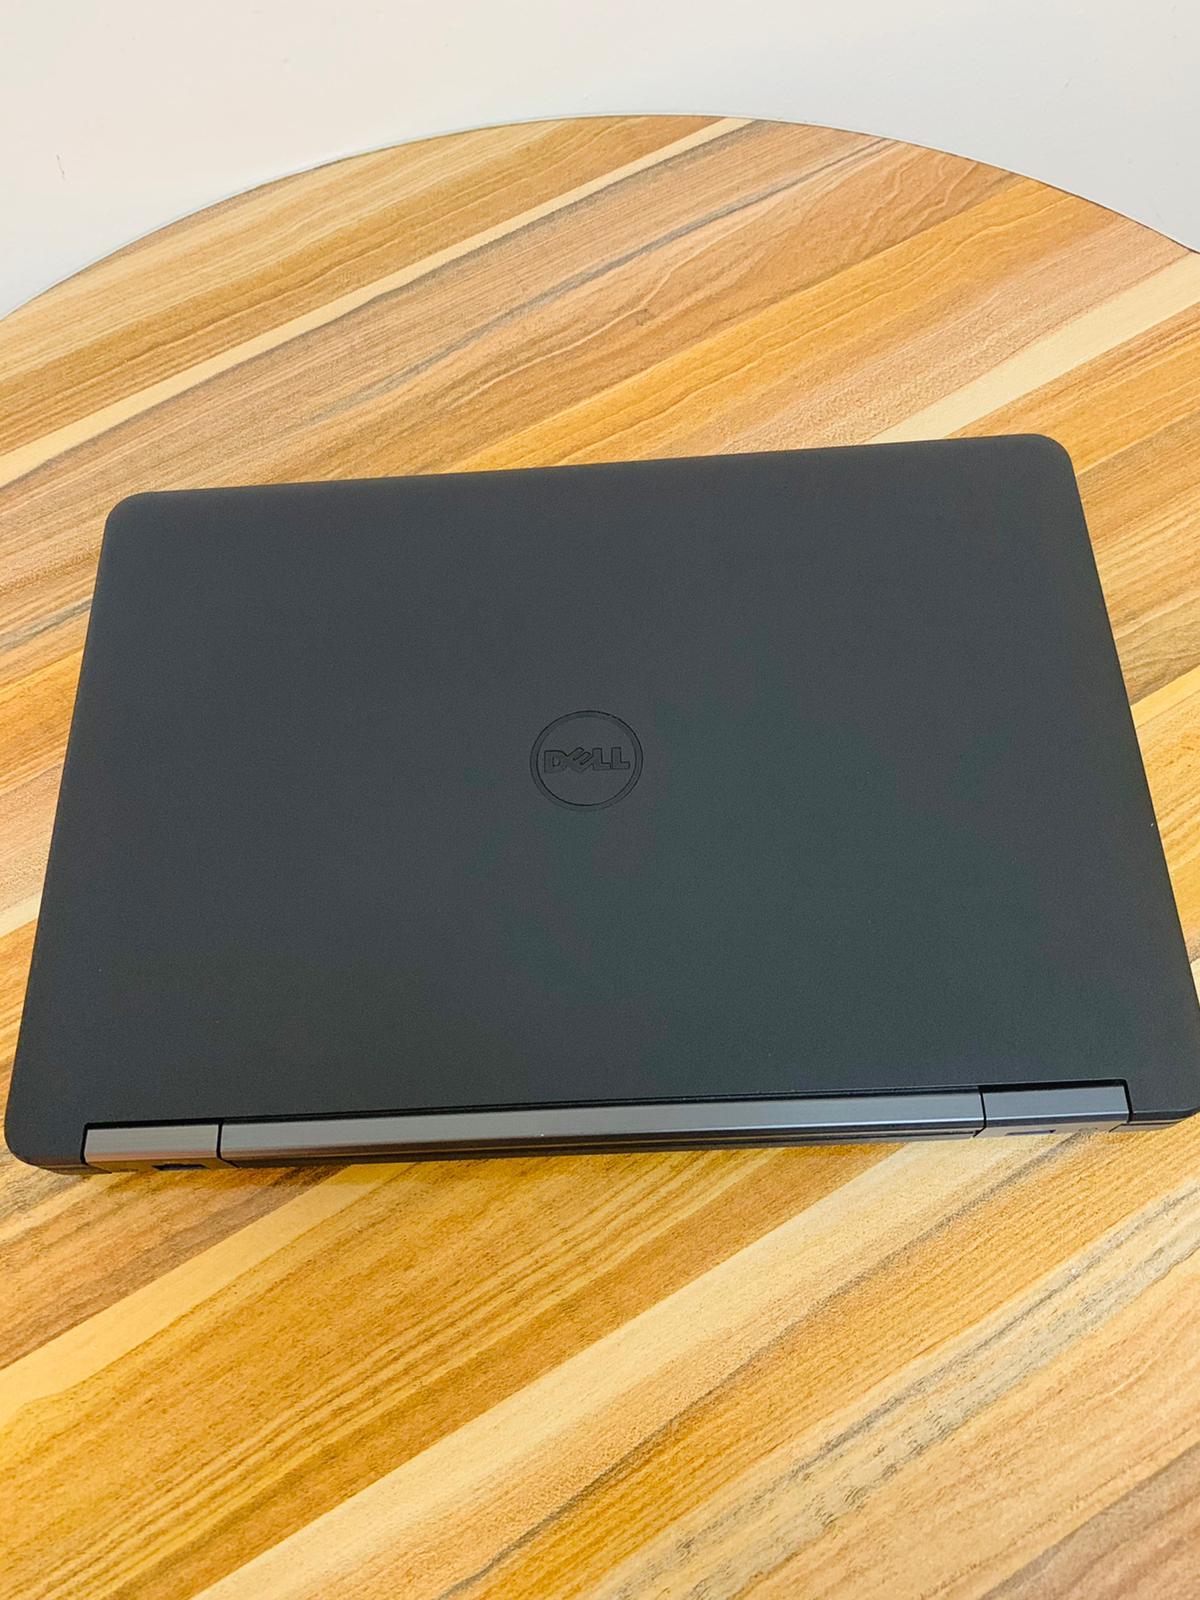 Dell letitude E5440Ram 8gb,hdd 500,awosome conditi